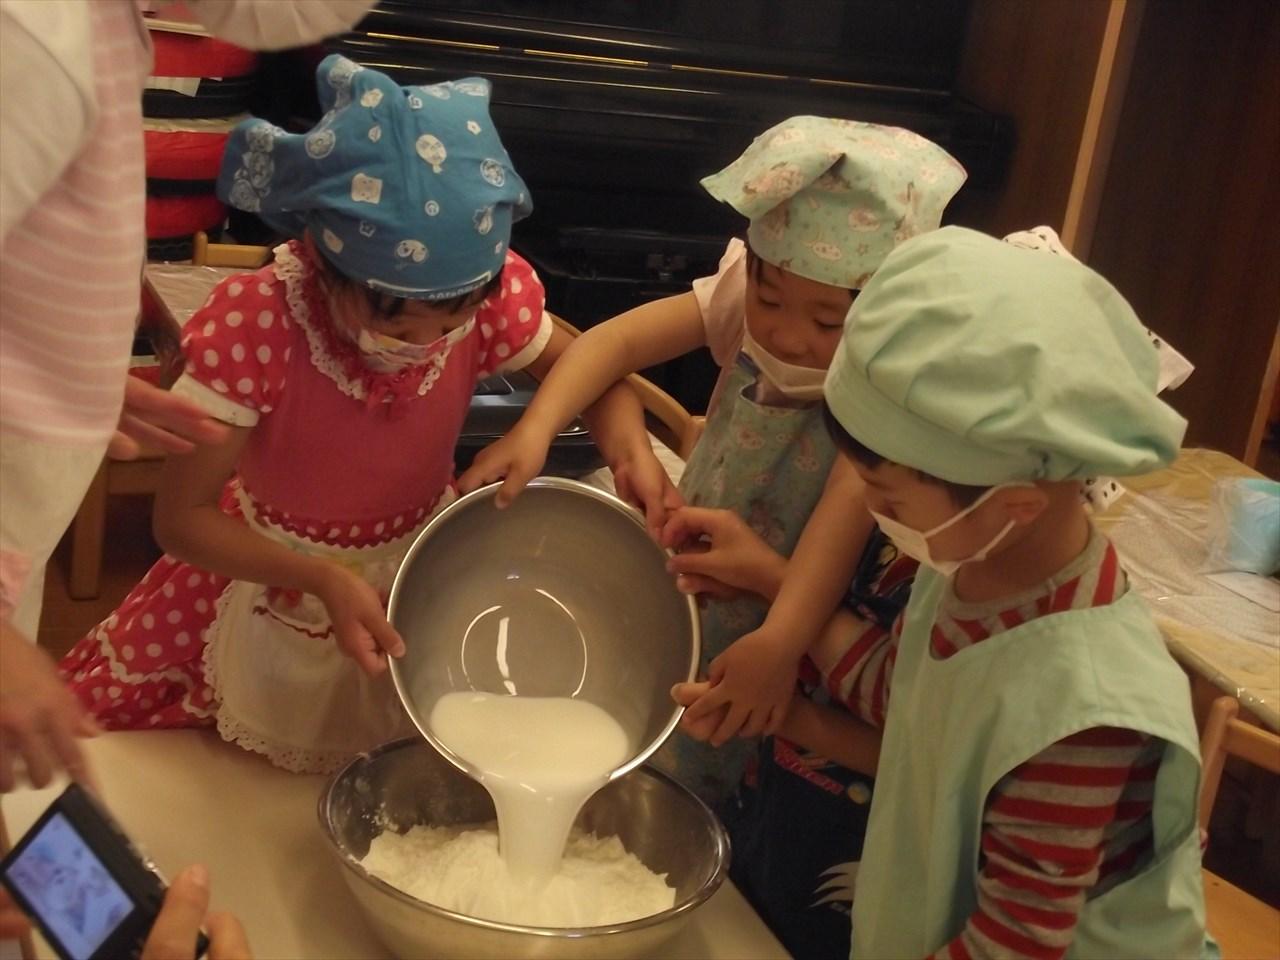 今日はお誕生会だったので、特別にぶどう組が幼児分のおやつのパンケーキ作りに挑戦